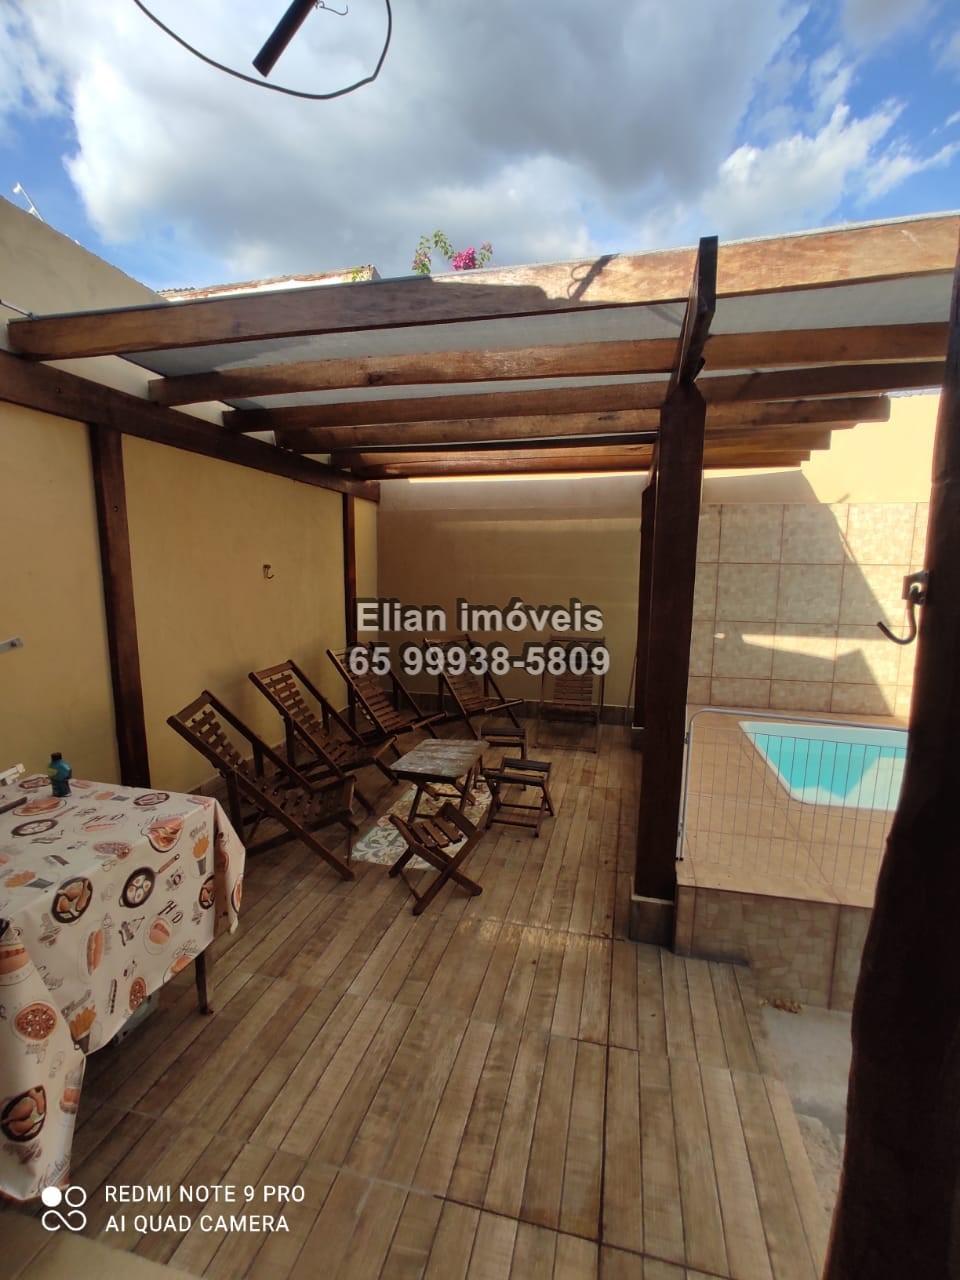 Casa  com 6 quartos sendo 1 Suíte no Jardim Tropical, Cuiabá  - MT